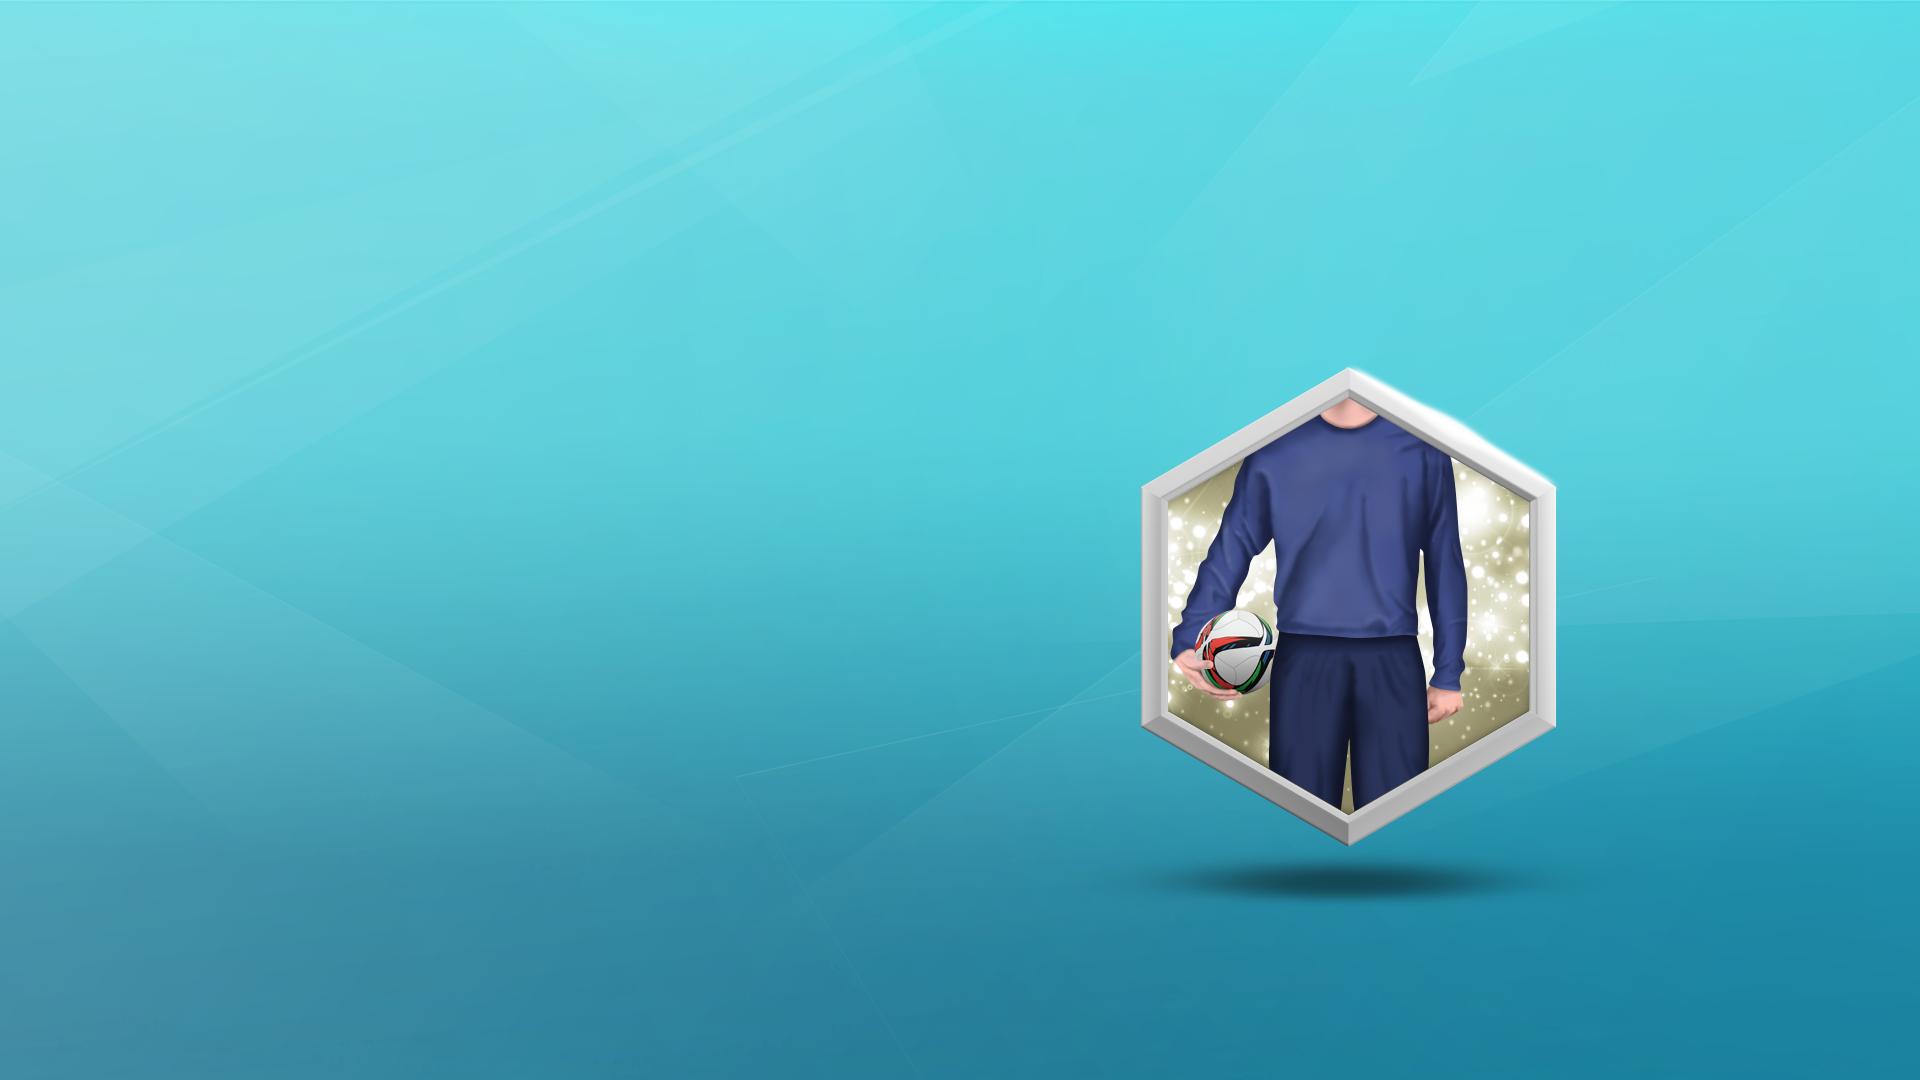 Icon for Dream-team in progress